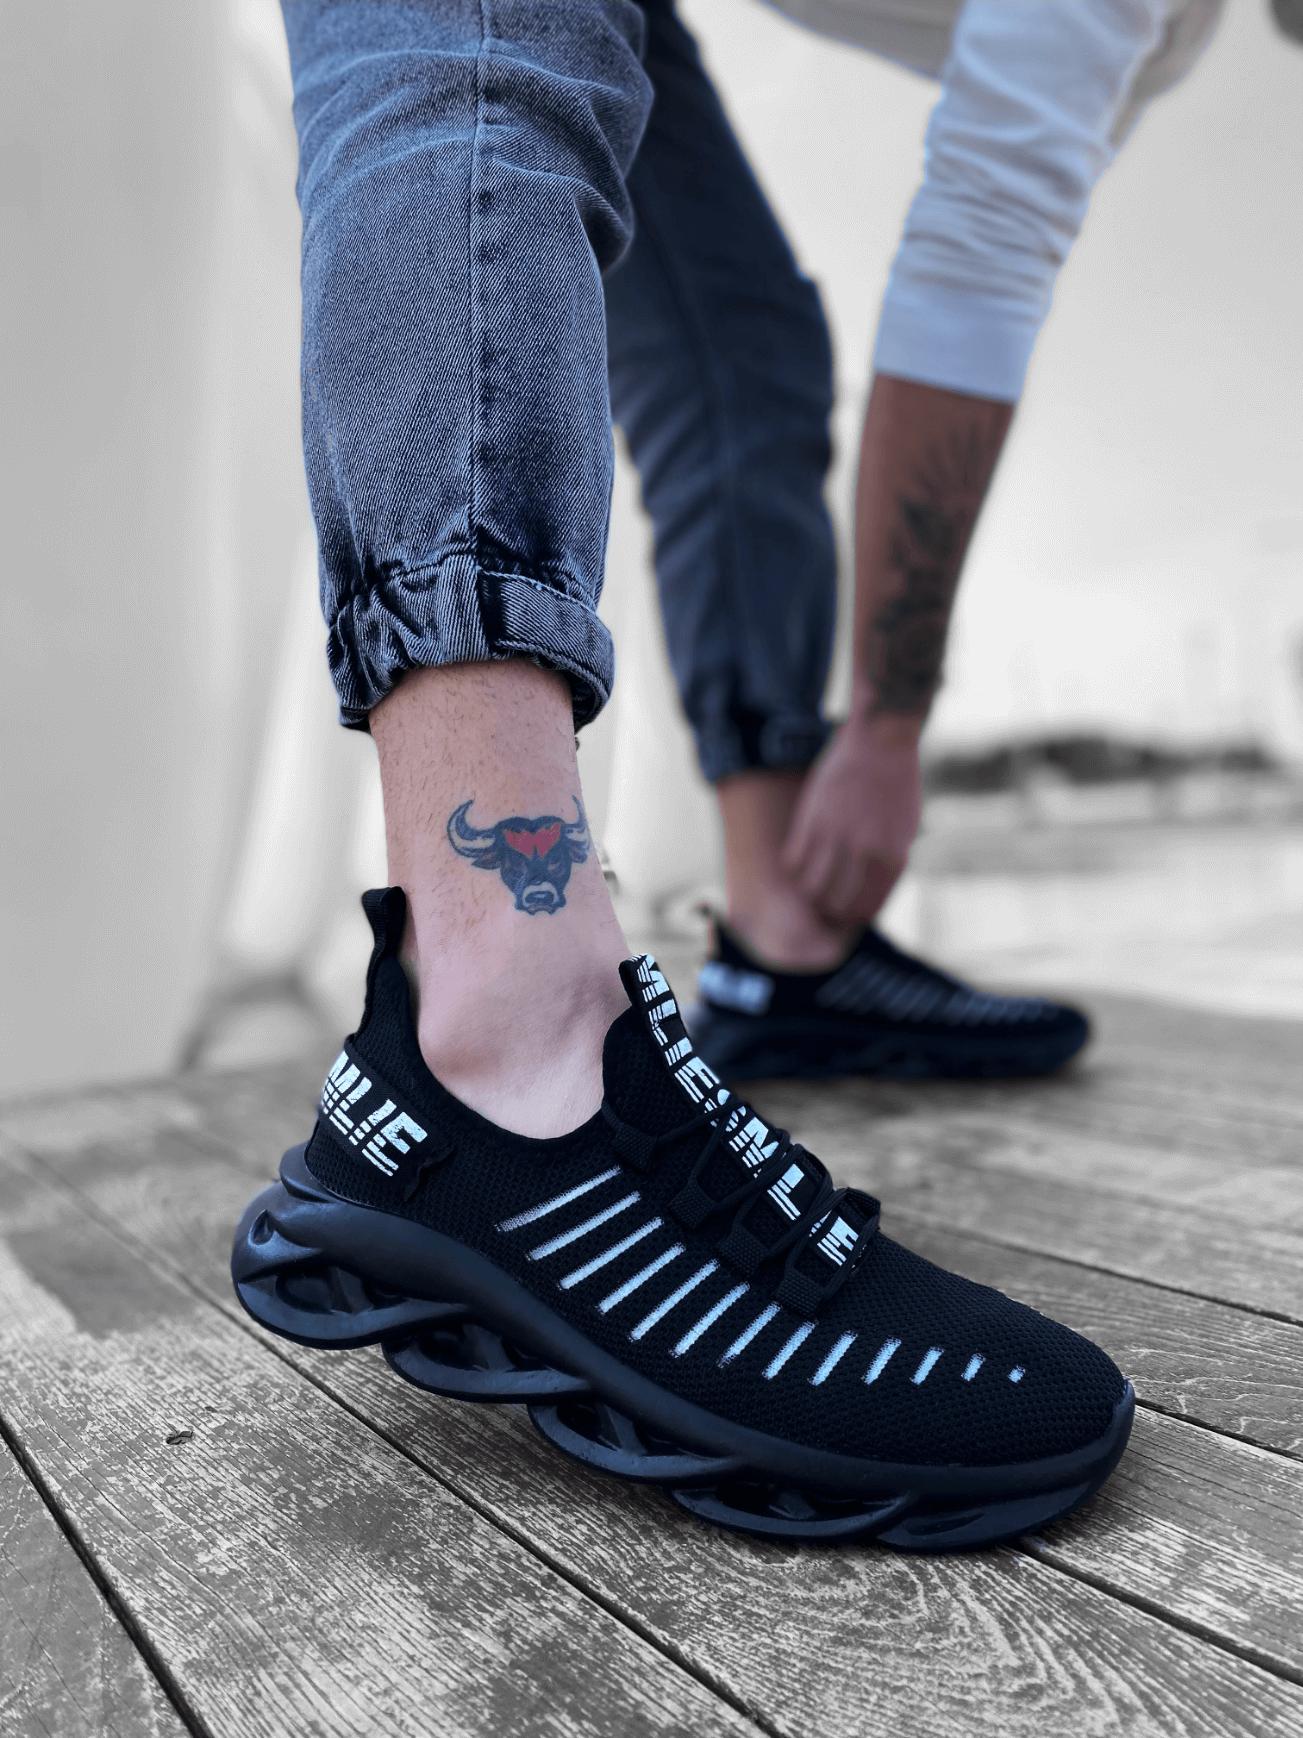 BA0602 Phantom Kalın Taban Tarz Sneakers Siyah Spor Ayakkabısı